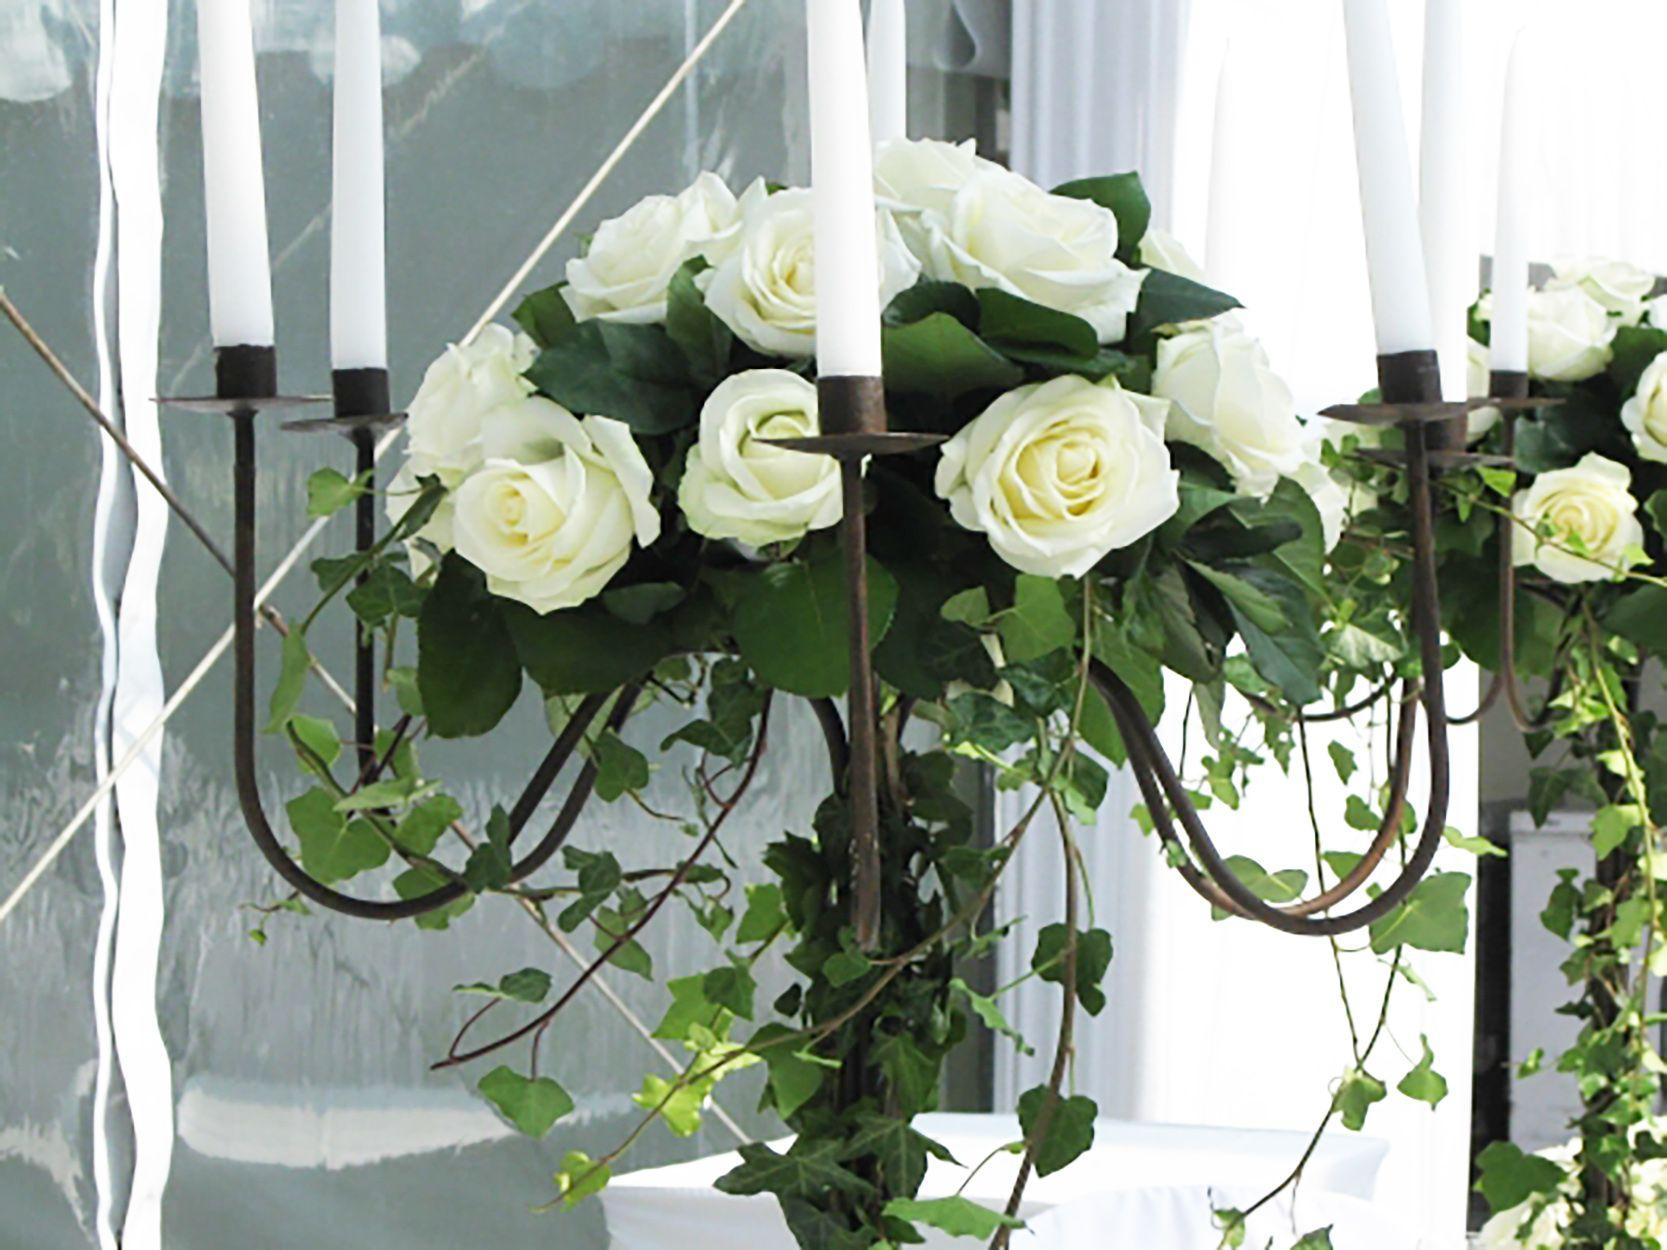 Supérieur Composition Florale Pour Mariage #14: Une Décoration Florale Pour Un Mariage à La Maison